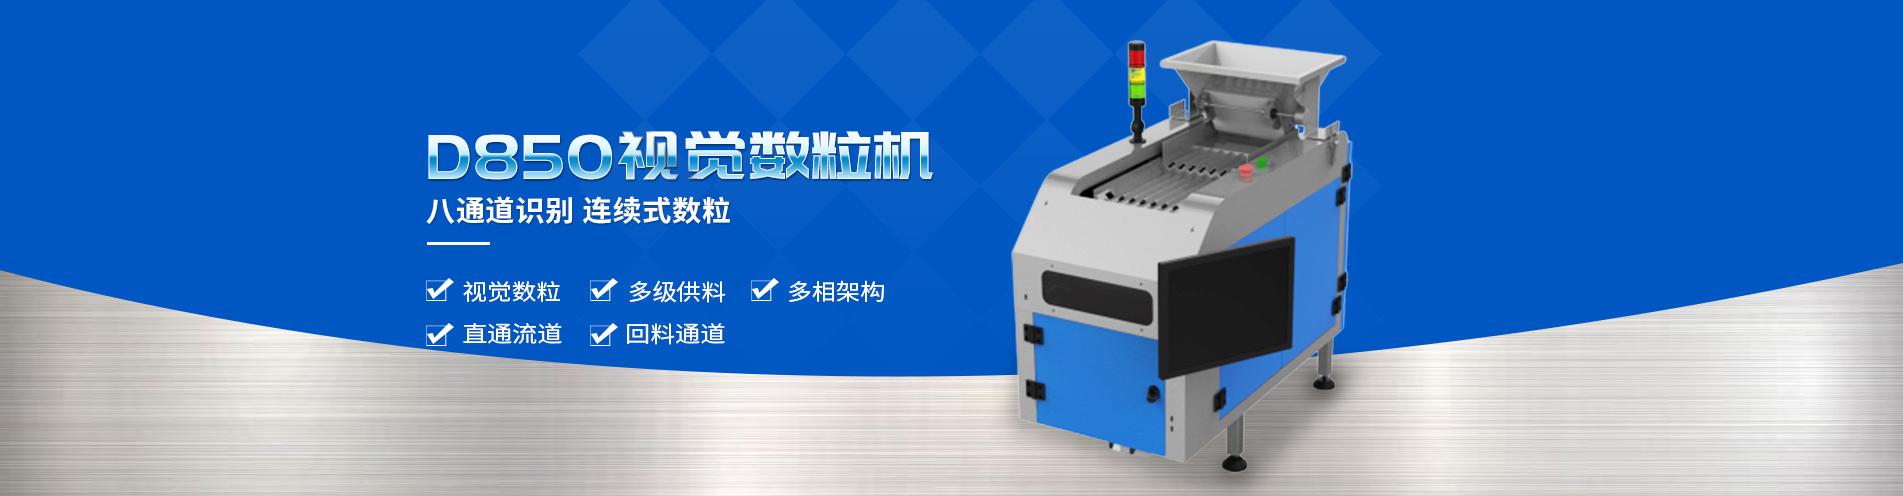 上海衛嵐電子科技股份有限公司